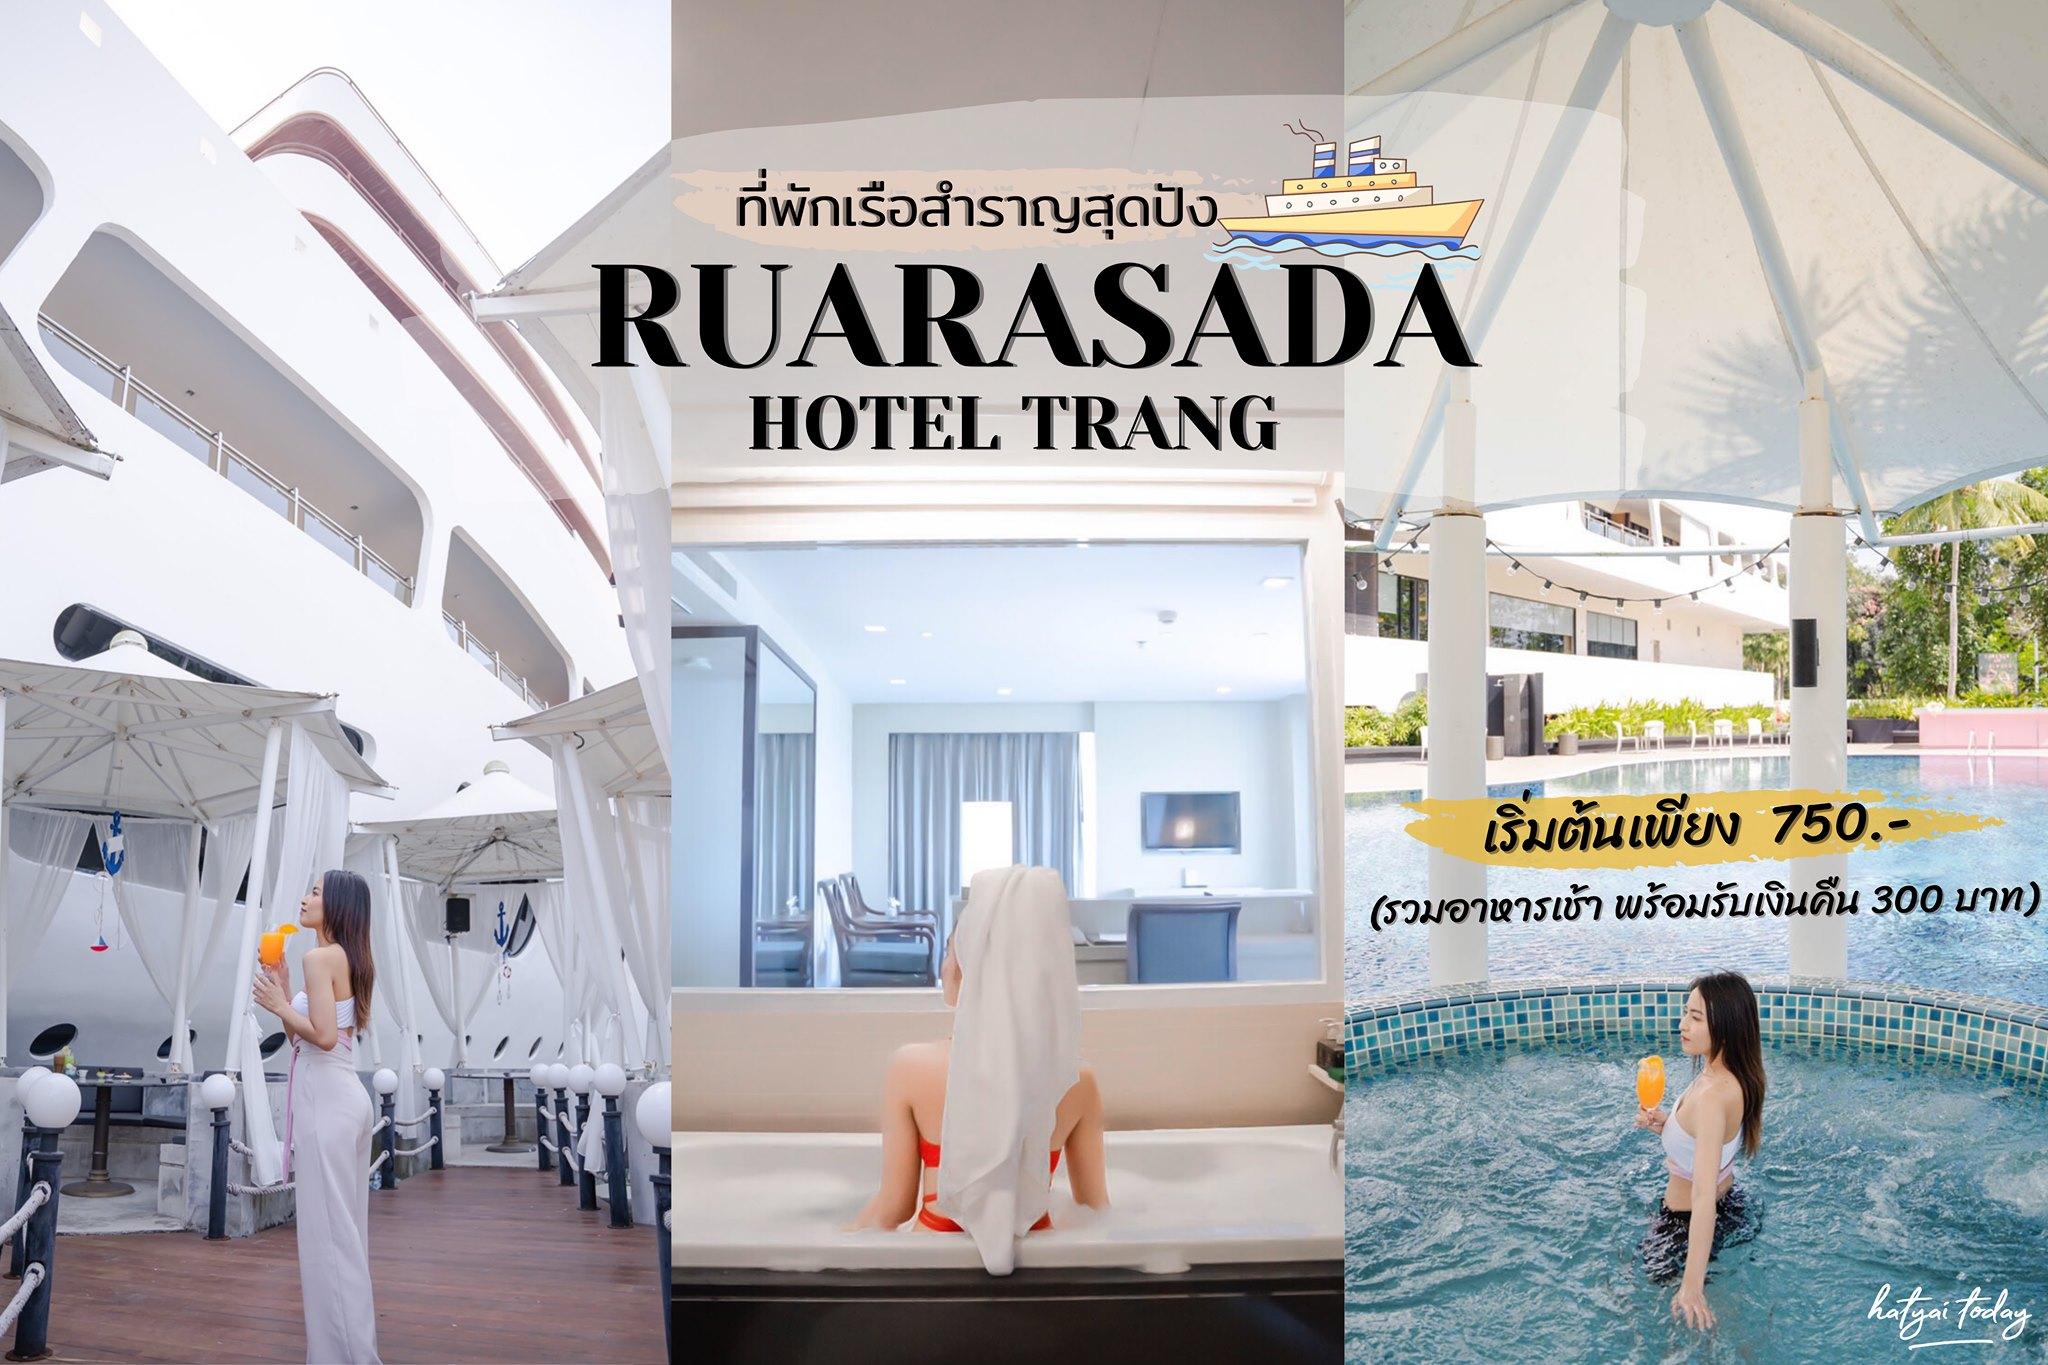 RuaRasada Hotel Trang